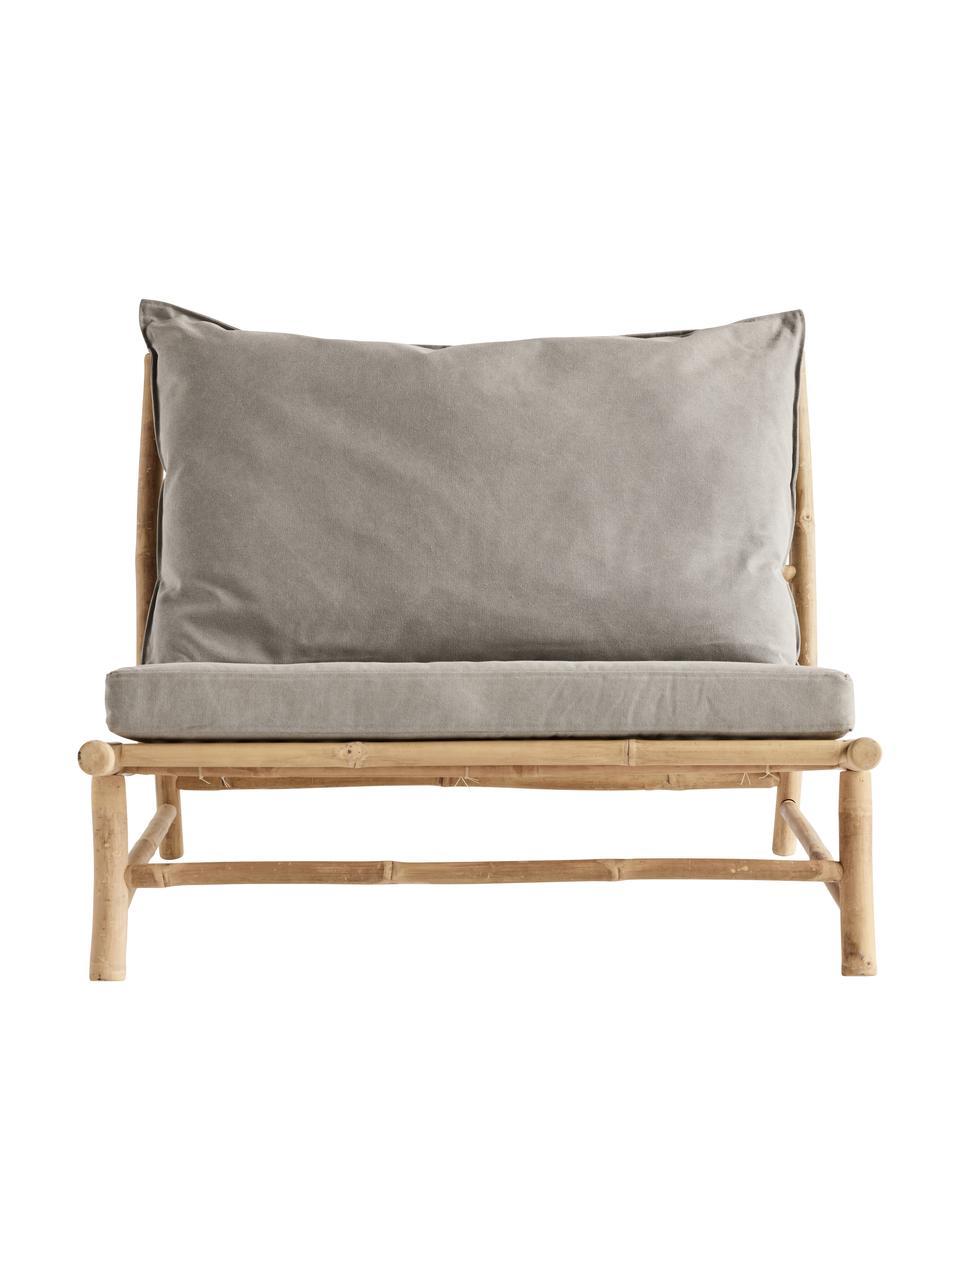 XL bamboe loungefauteuil Bamslow met bekleding, Frame: bamboe, Bekleding: 100% katoen, Grijs, bruin, 100 x 87 cm